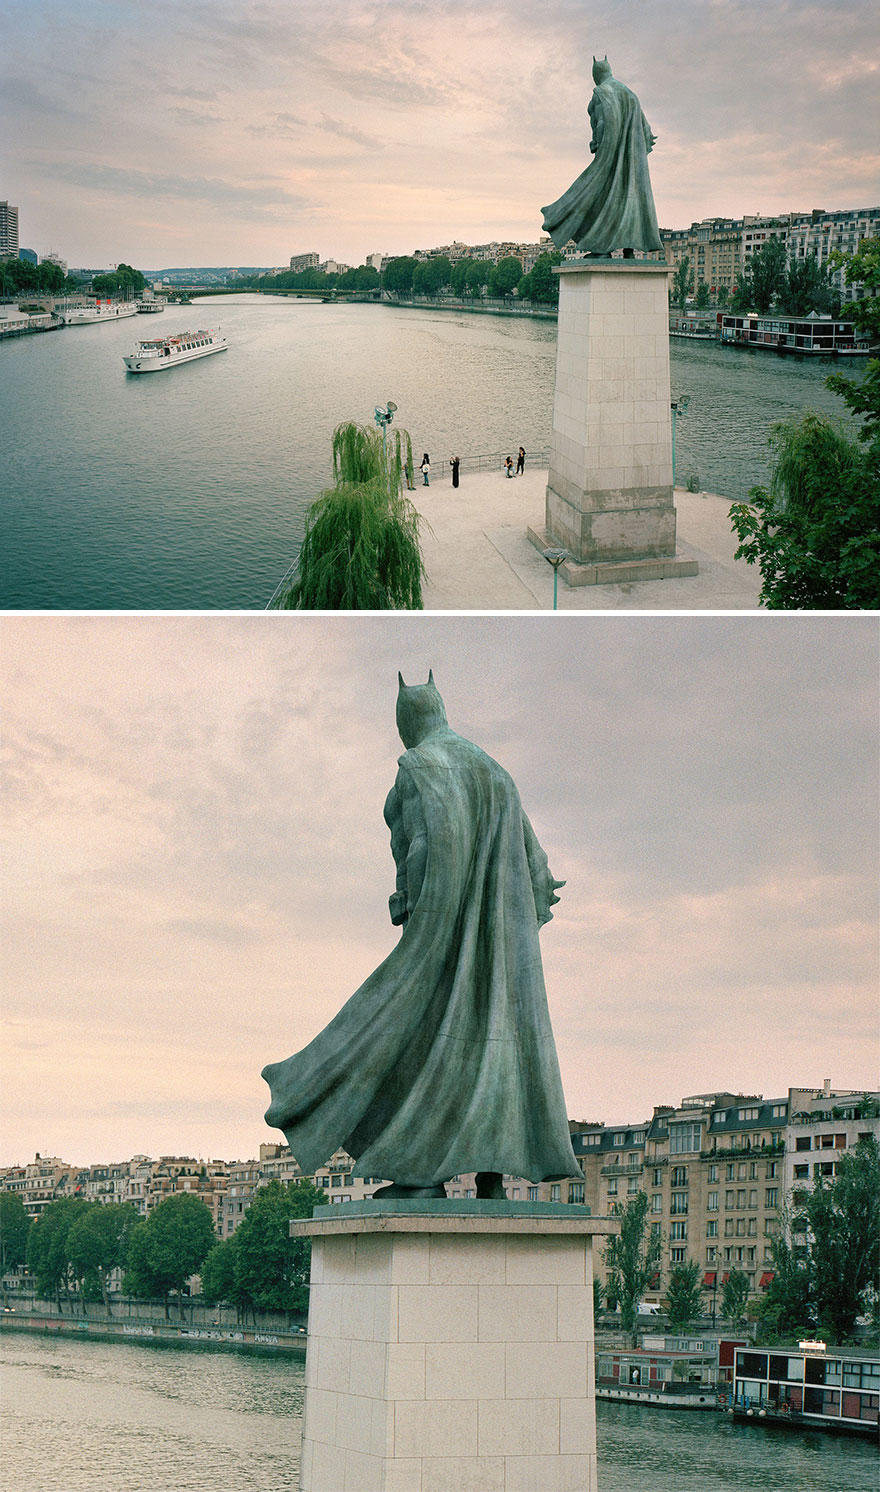 კულტურა, პოპ კულტურა სკულპტურა, ძეგლი, პარიზი, საფრანგეთი, ბლოგი, ძეგლი, qwelly, sculpture